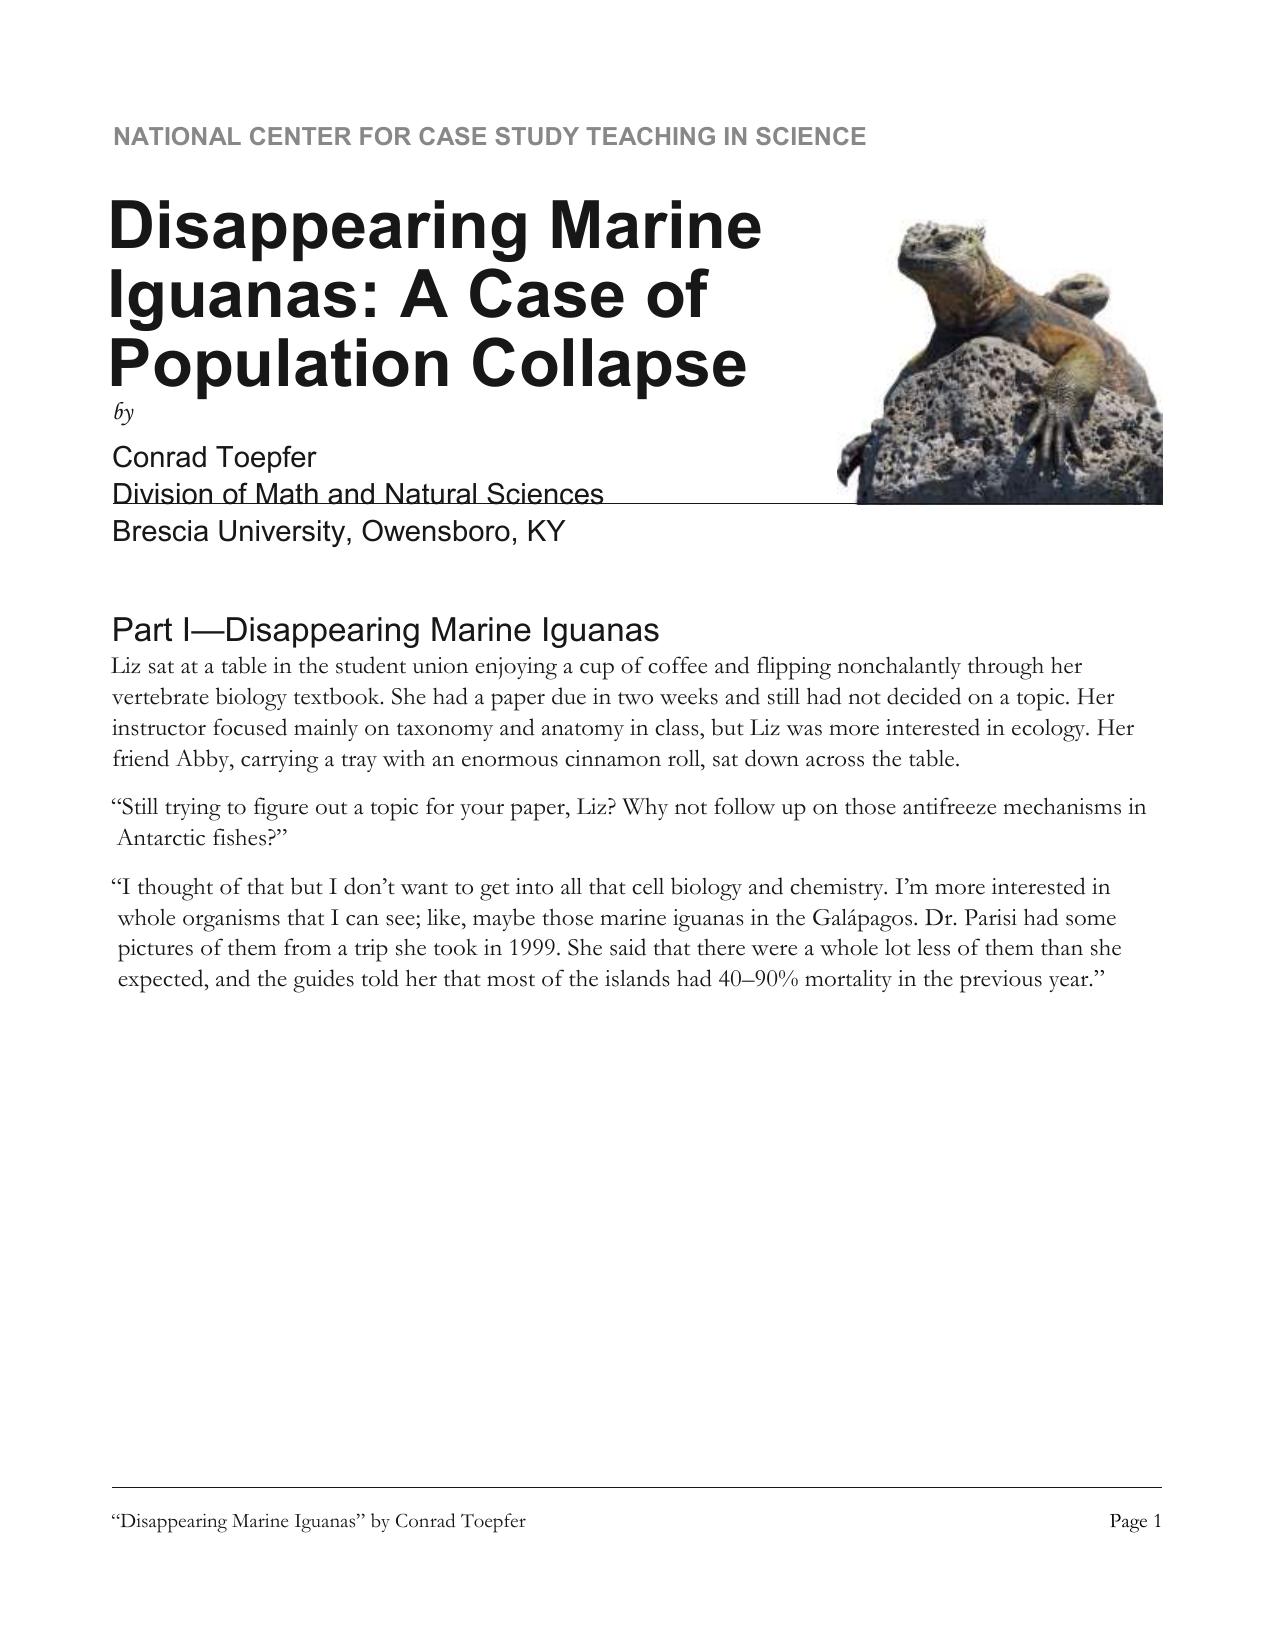 Marine Iguanas Case Study